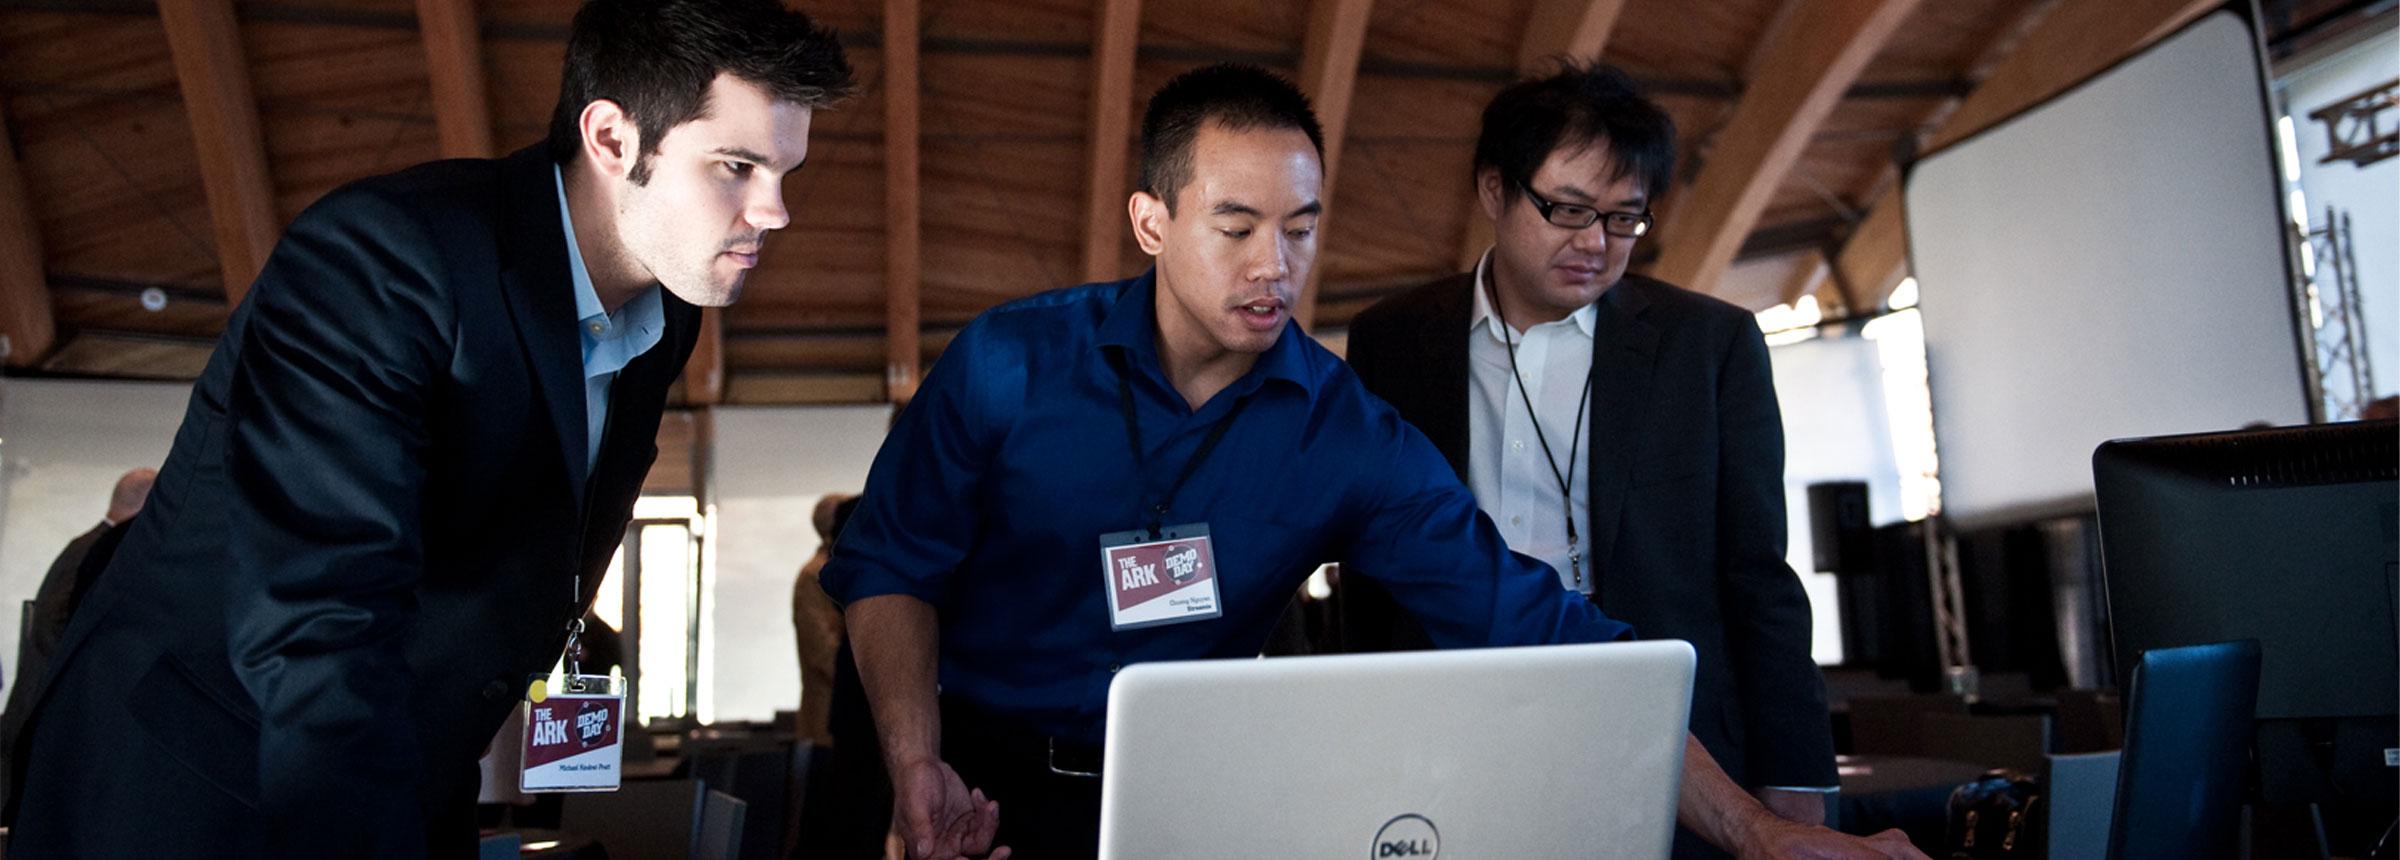 Three men huddled around laptop